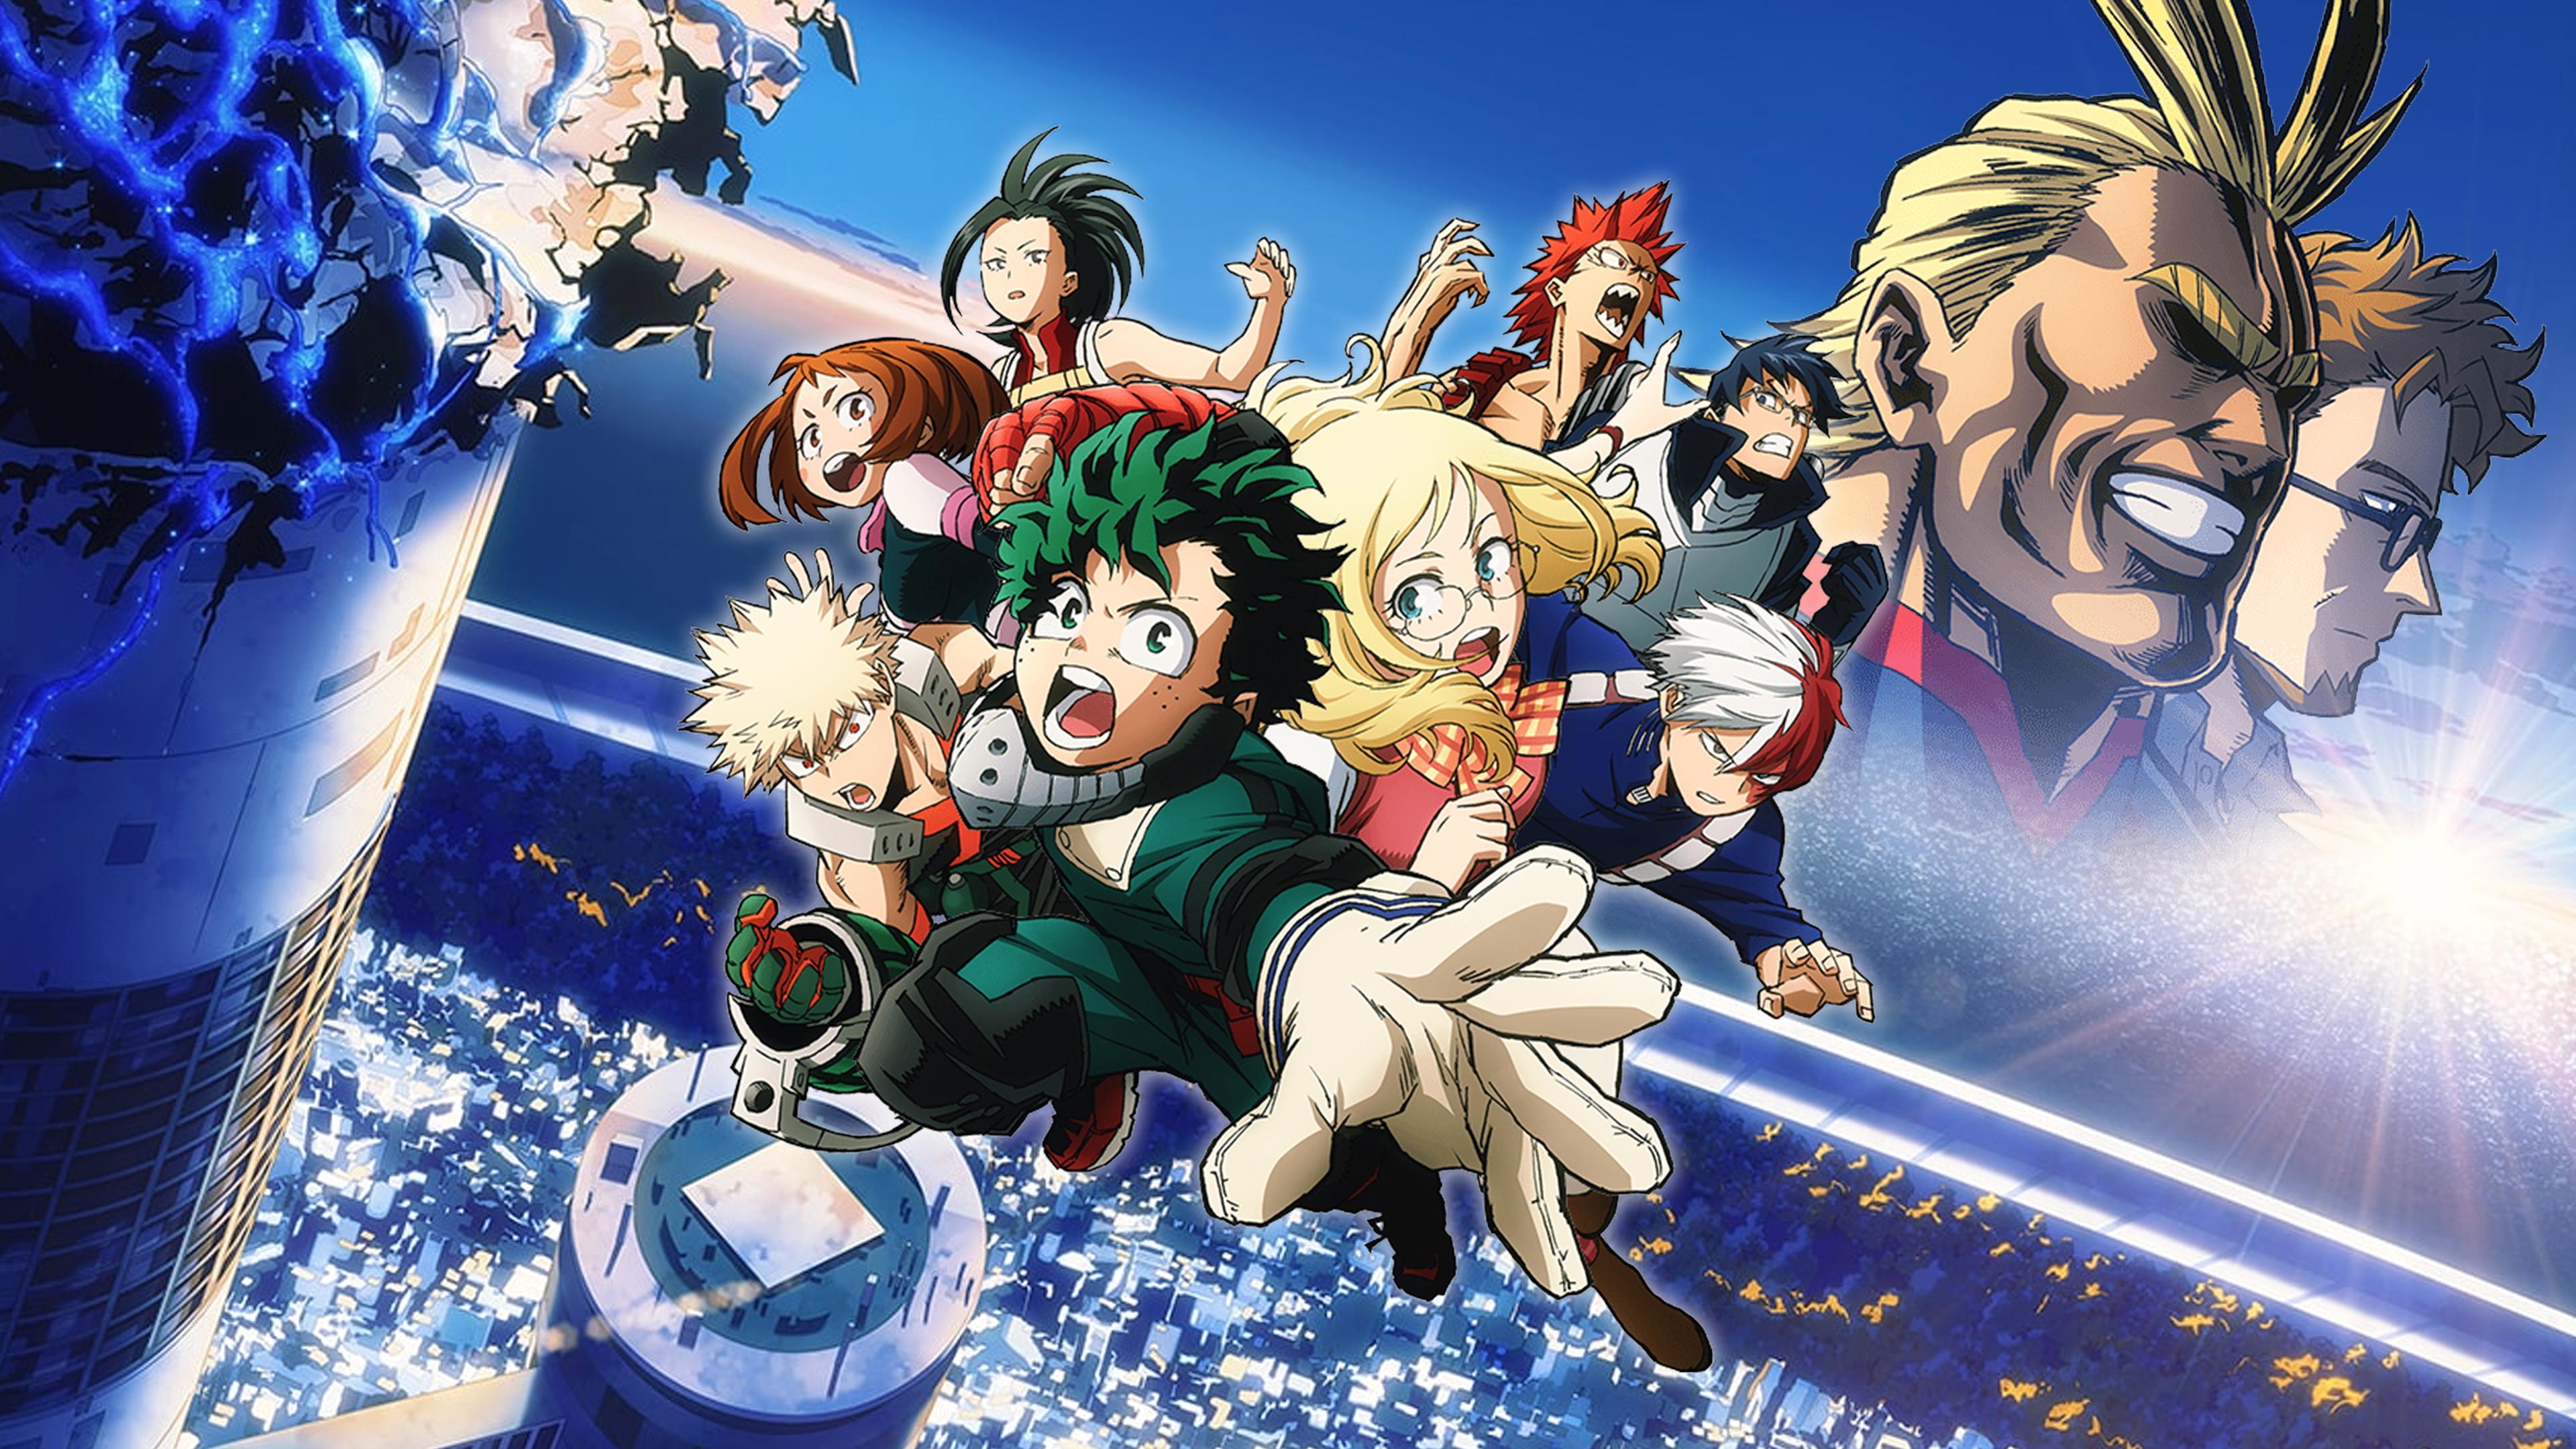 Wallpaper Anime Boku No Hero Boku No Hero Academia Uraraka